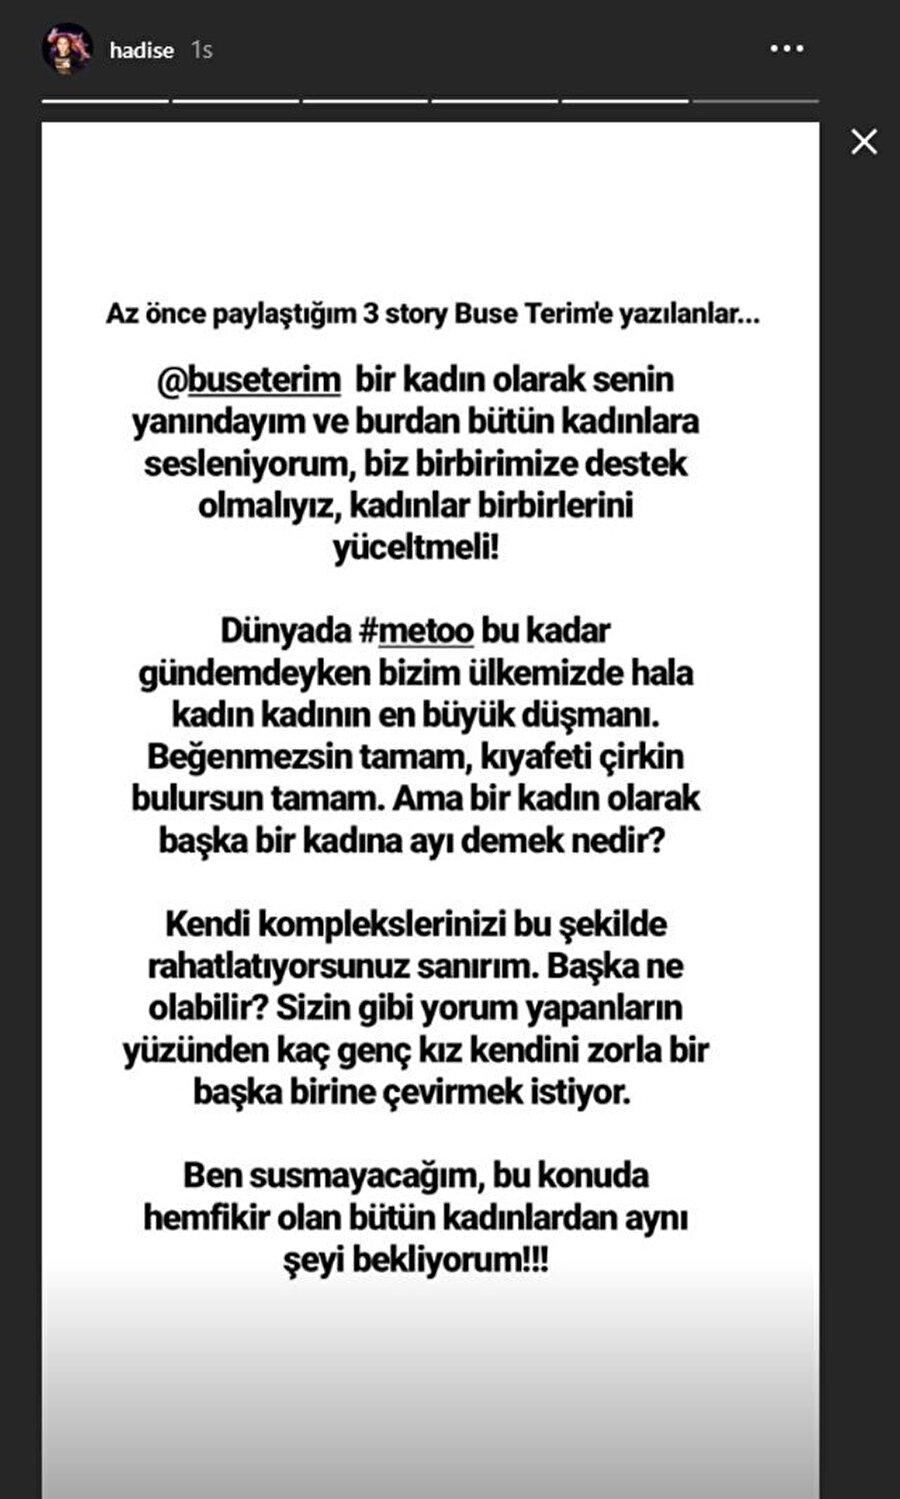 Hadise'nin kendi hesabından paylaştığı destek mesajı